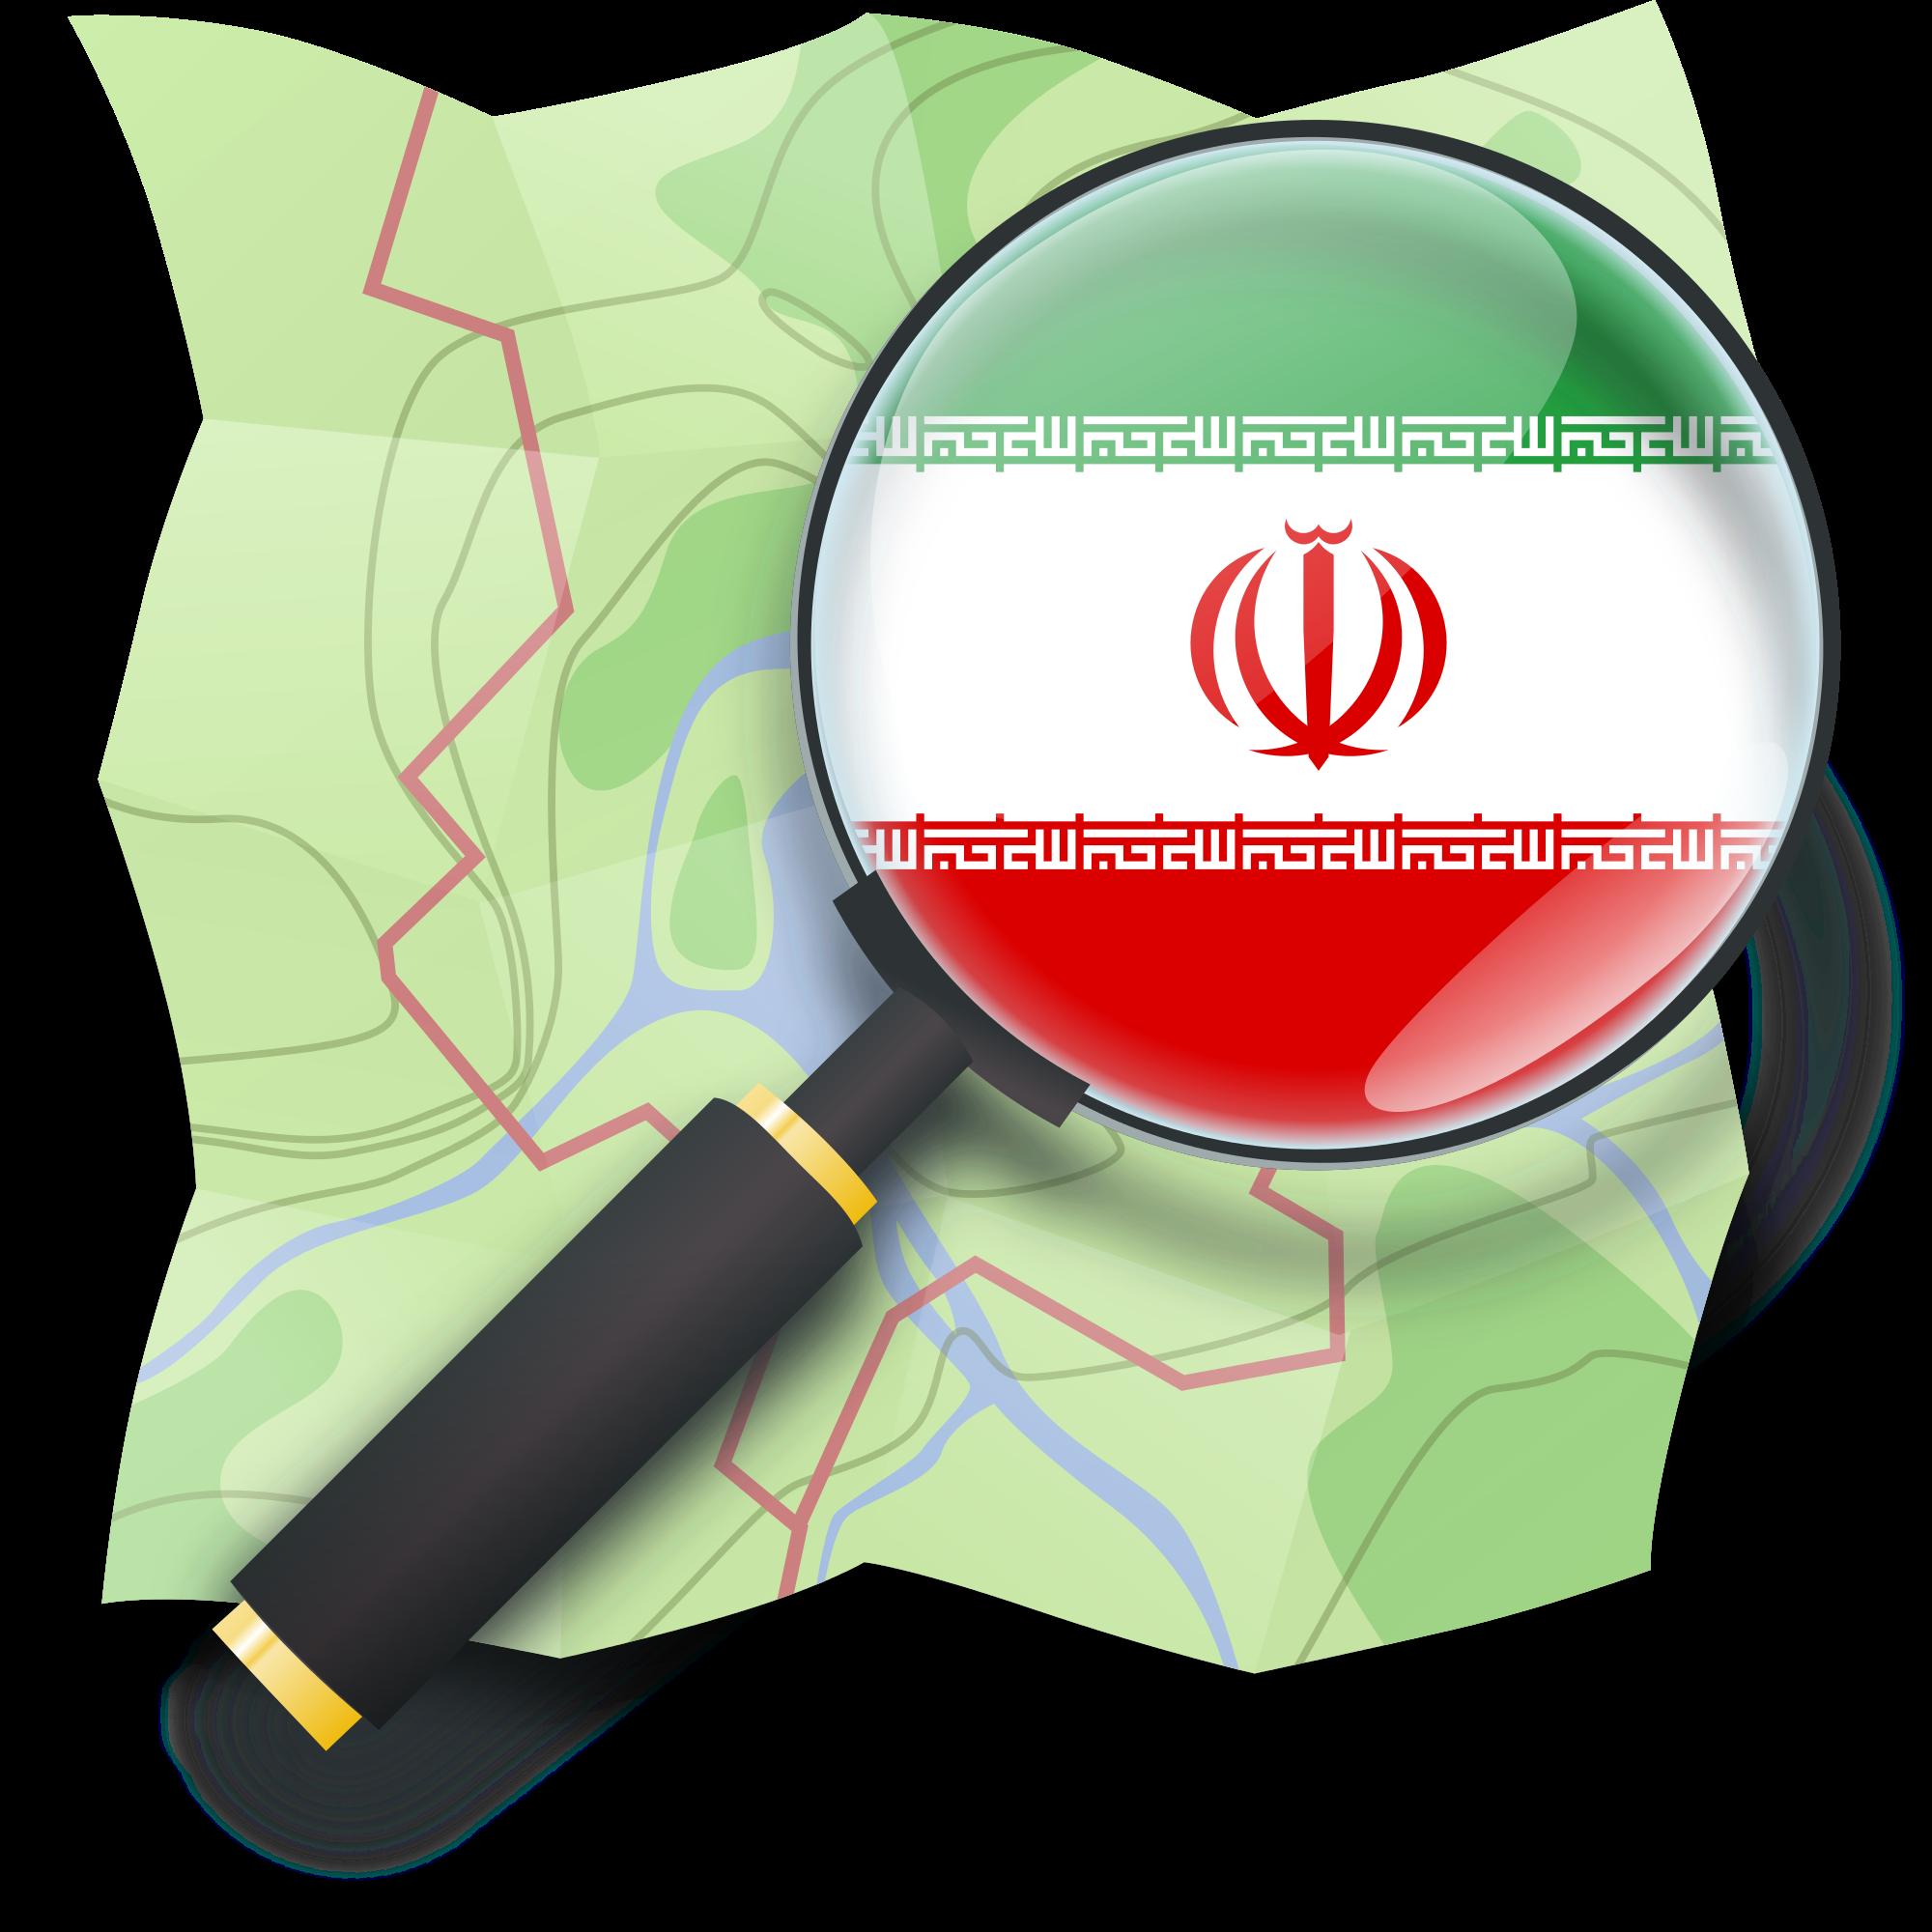 لوگو اوپناستریتمپ ایران